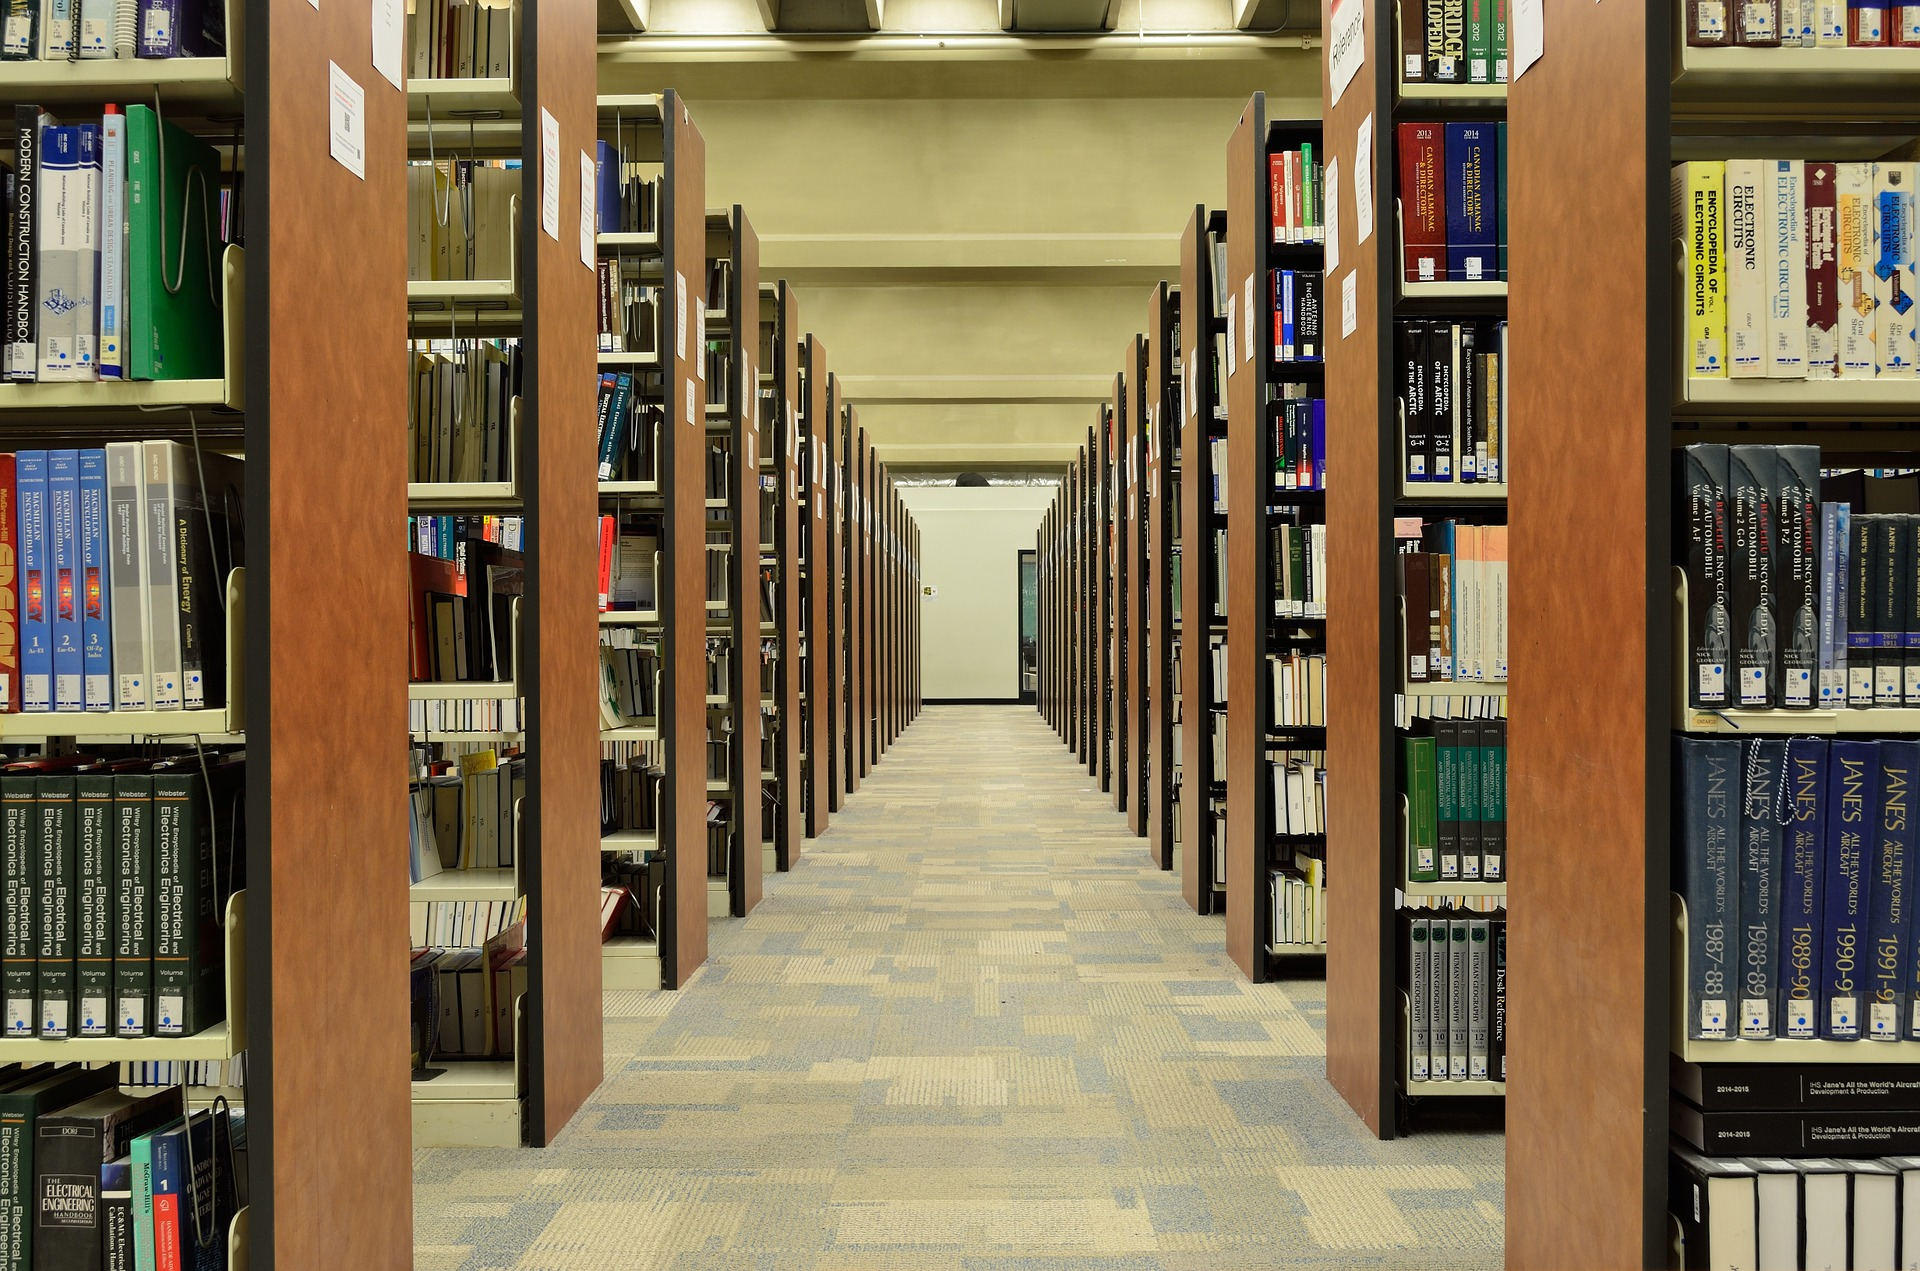 Wissenschaftsbücherei. Quelle: pixabay